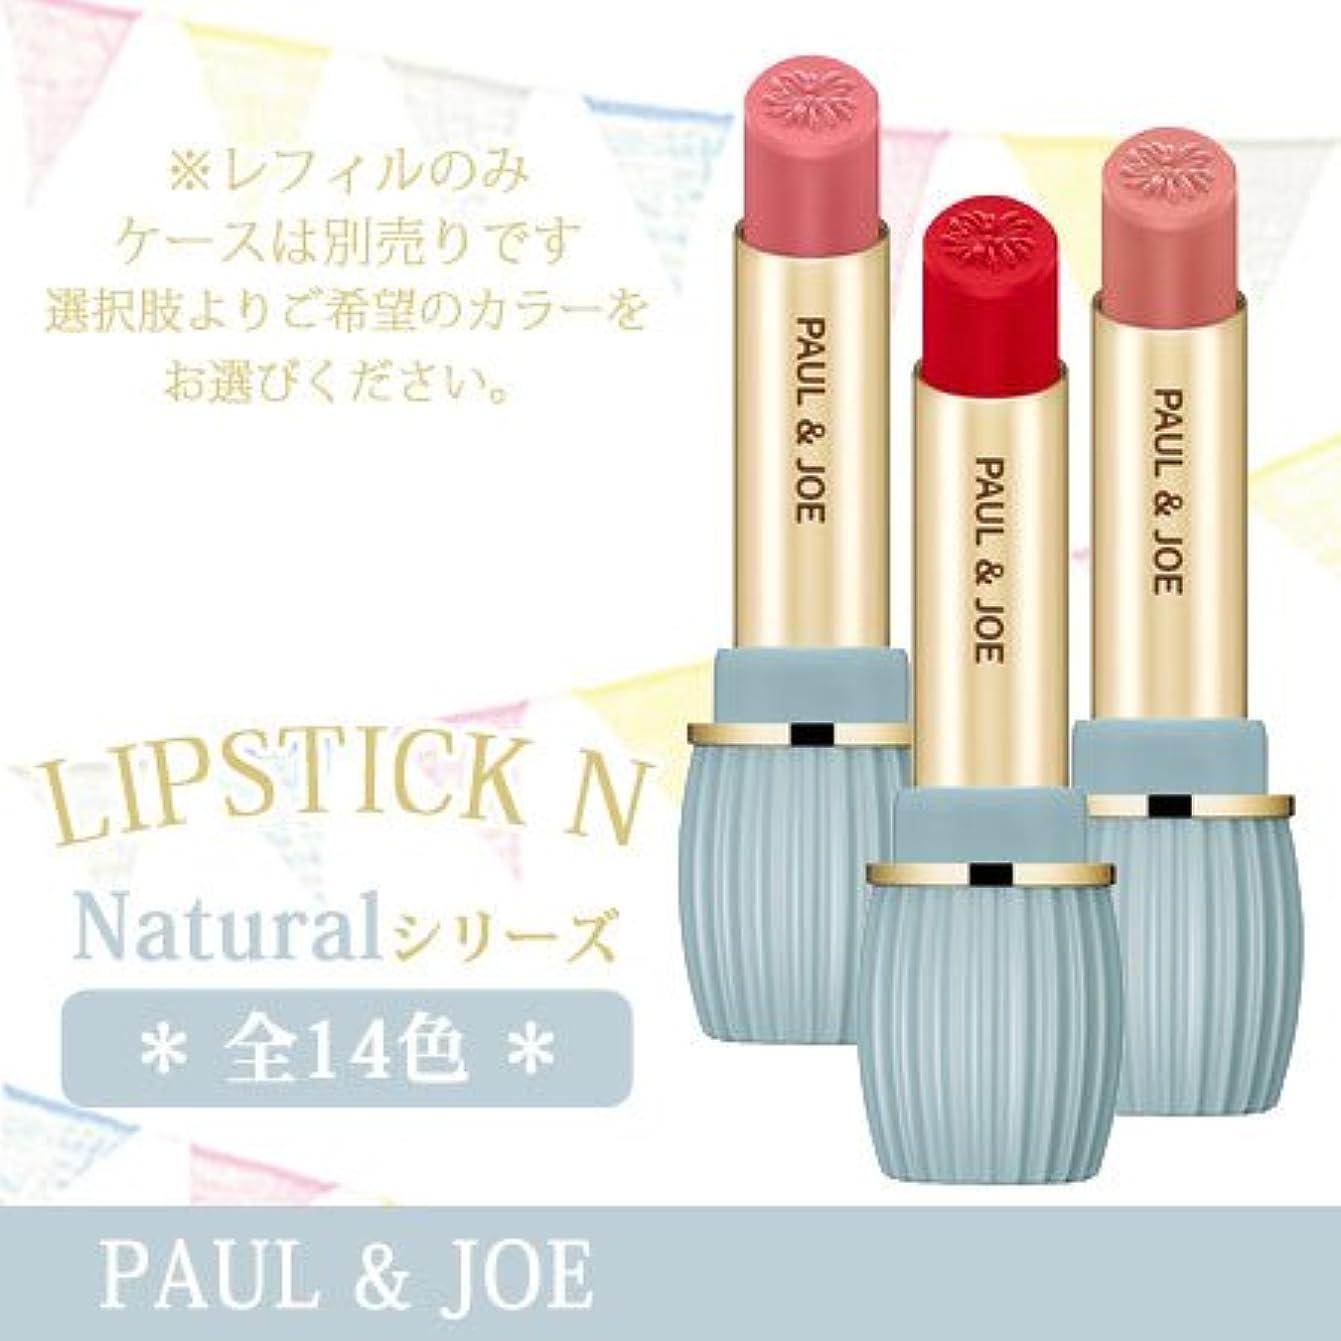 マーケティング斧構築するポール&ジョー リップスティック N レフィル Naturalシリーズ -PAUL&JOE-【並行輸入品】 213